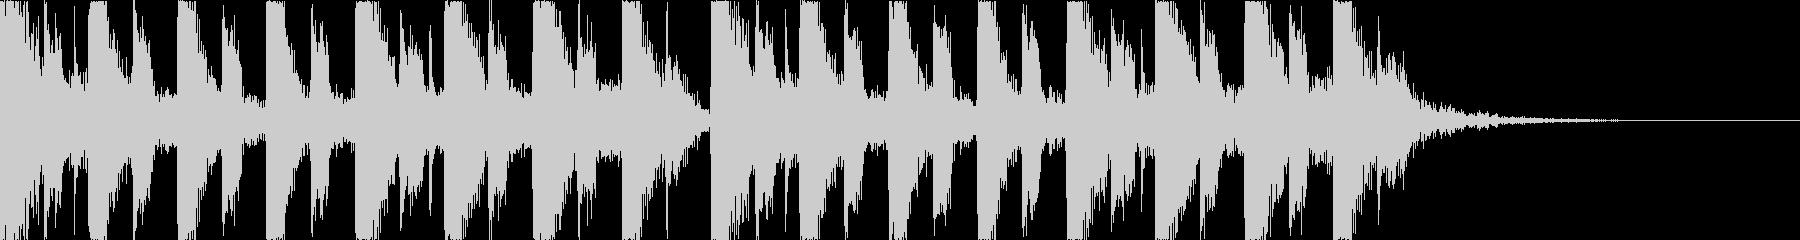 キャッチーで深みのあるEDM3の未再生の波形